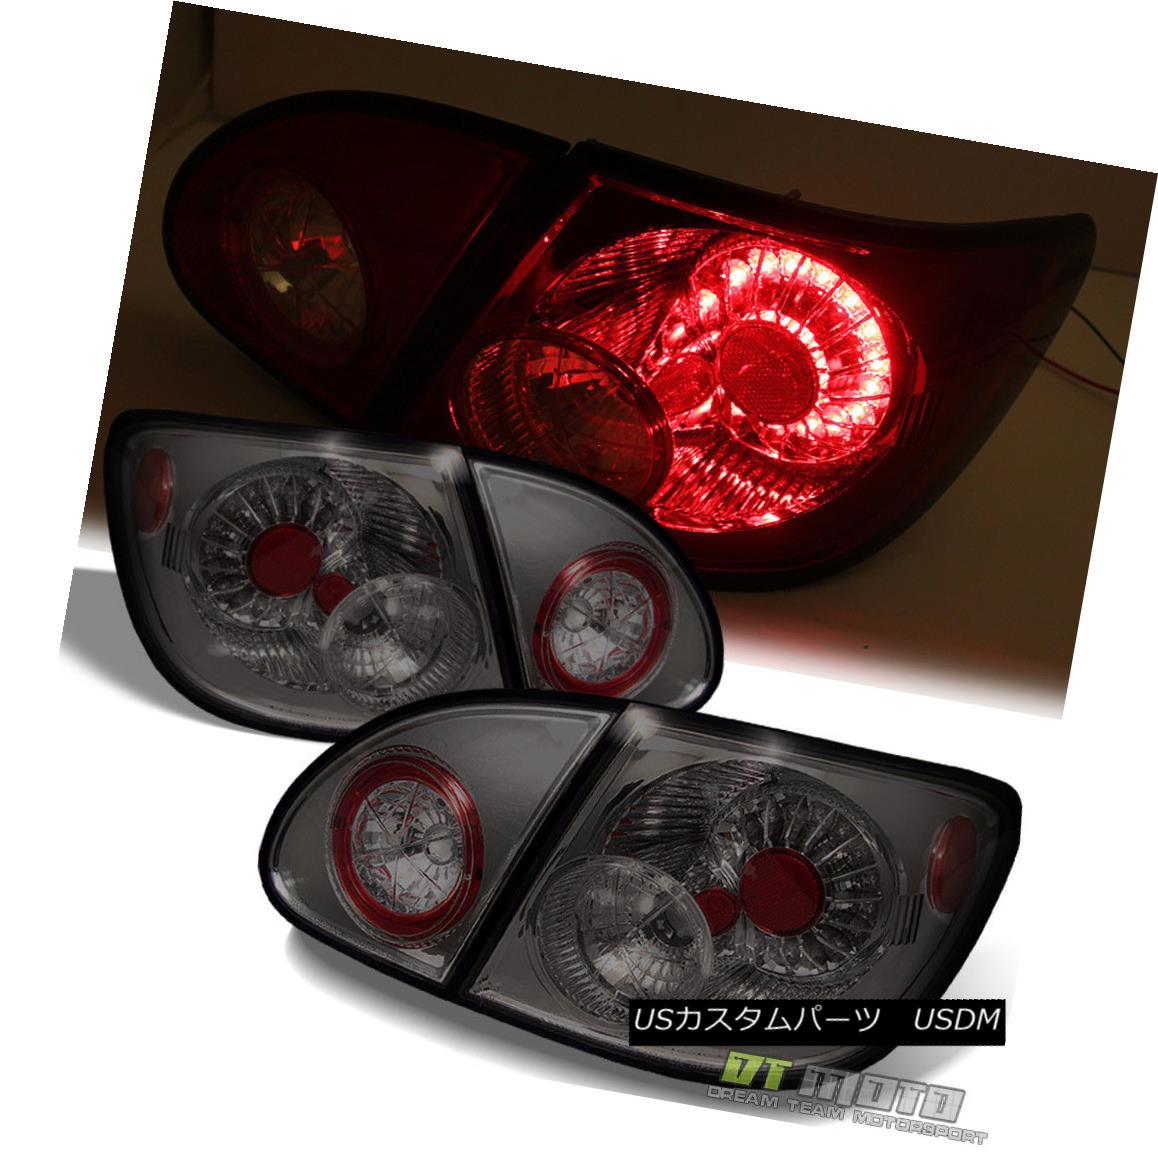 テールライト Smoked 03-08 Toyota Corolla Philips-Led Perform Tail Lights Lamps Left+Right Smoke 03-08 Toyota Corolla Philips-Ledテールライトランプを左右に動かします